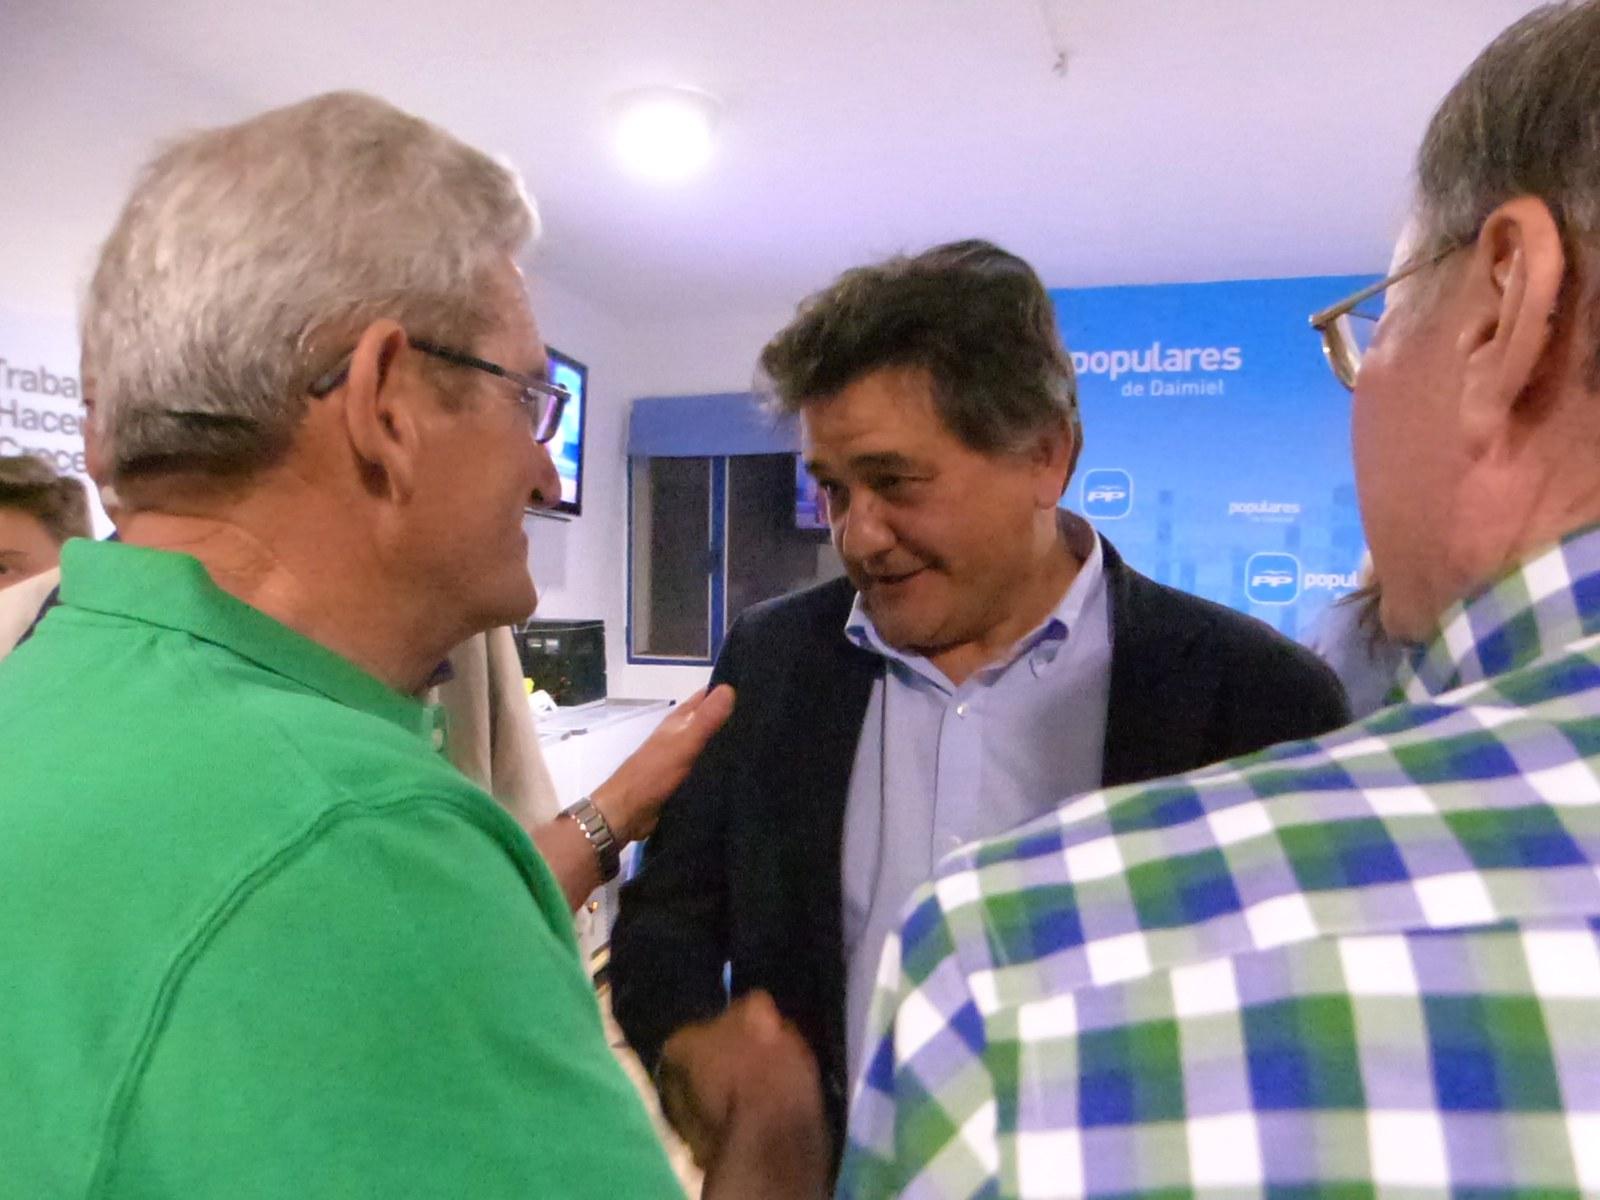 El Partido Popular revalida su mayoría absoluta en Daimiel